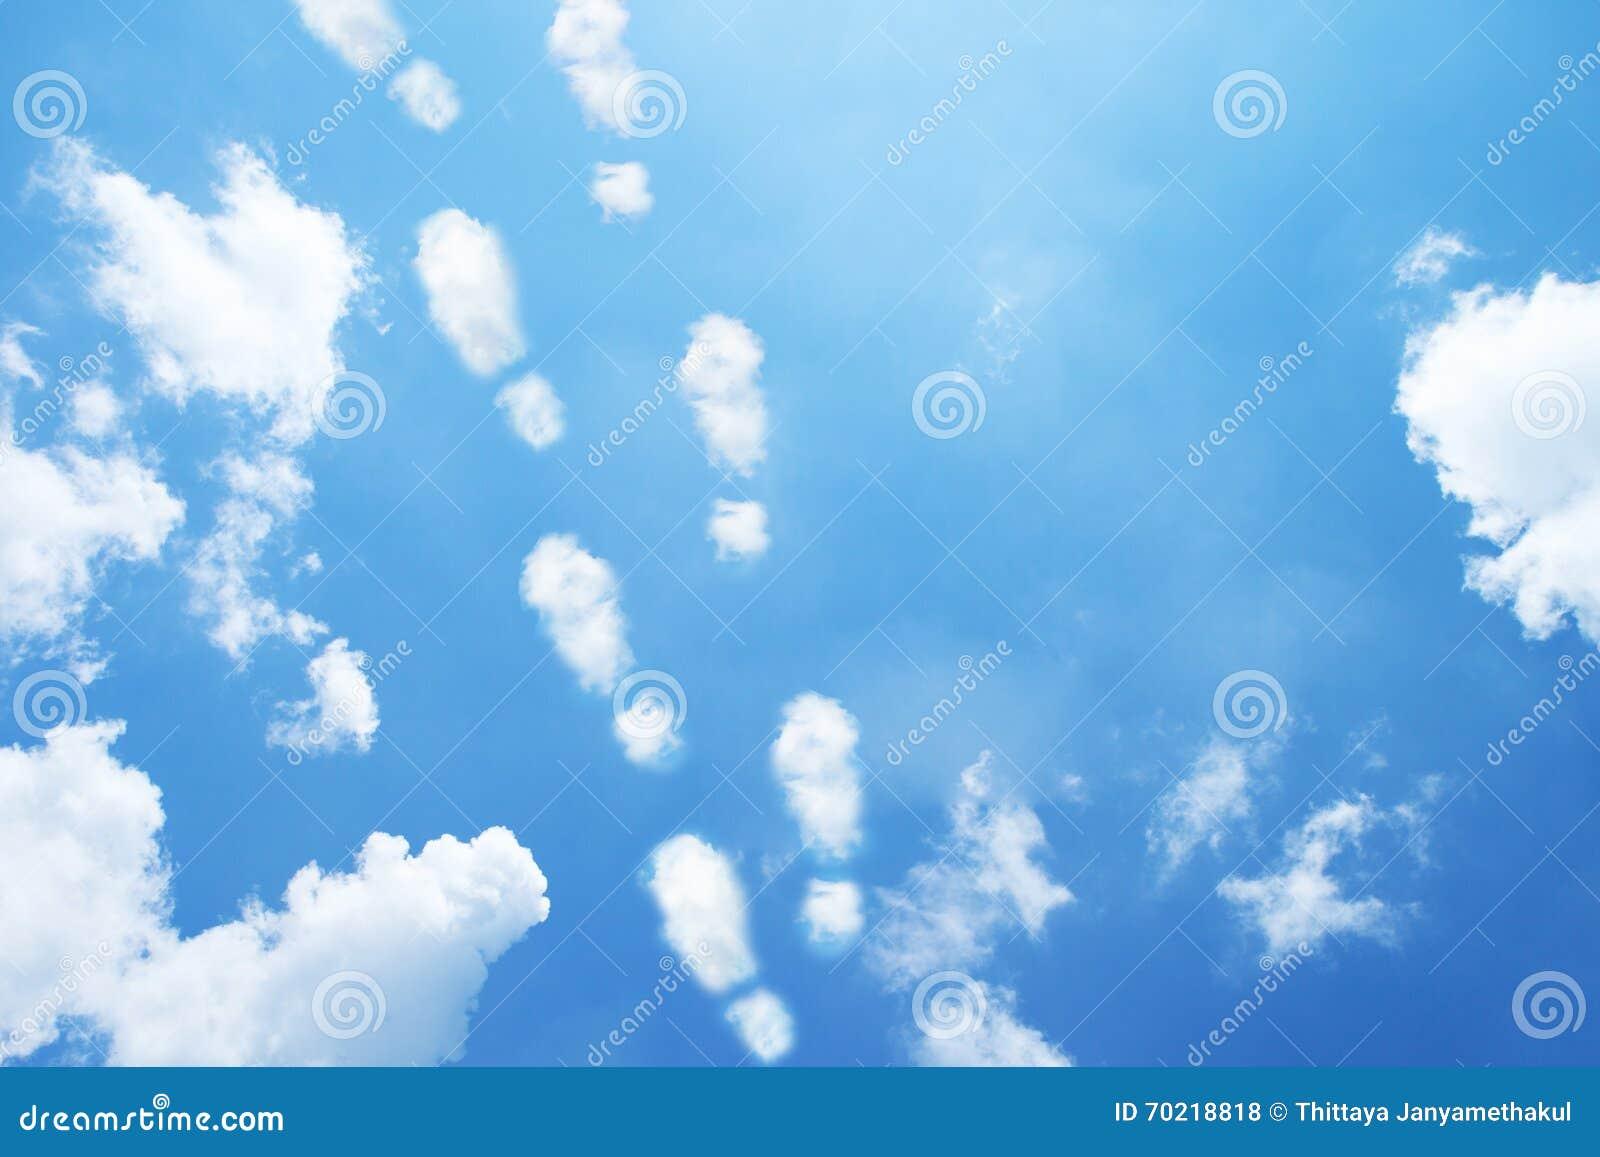 Zapatos La Foto Como Impresión Formadas Nubes De Los Archivo 76gyYbfv